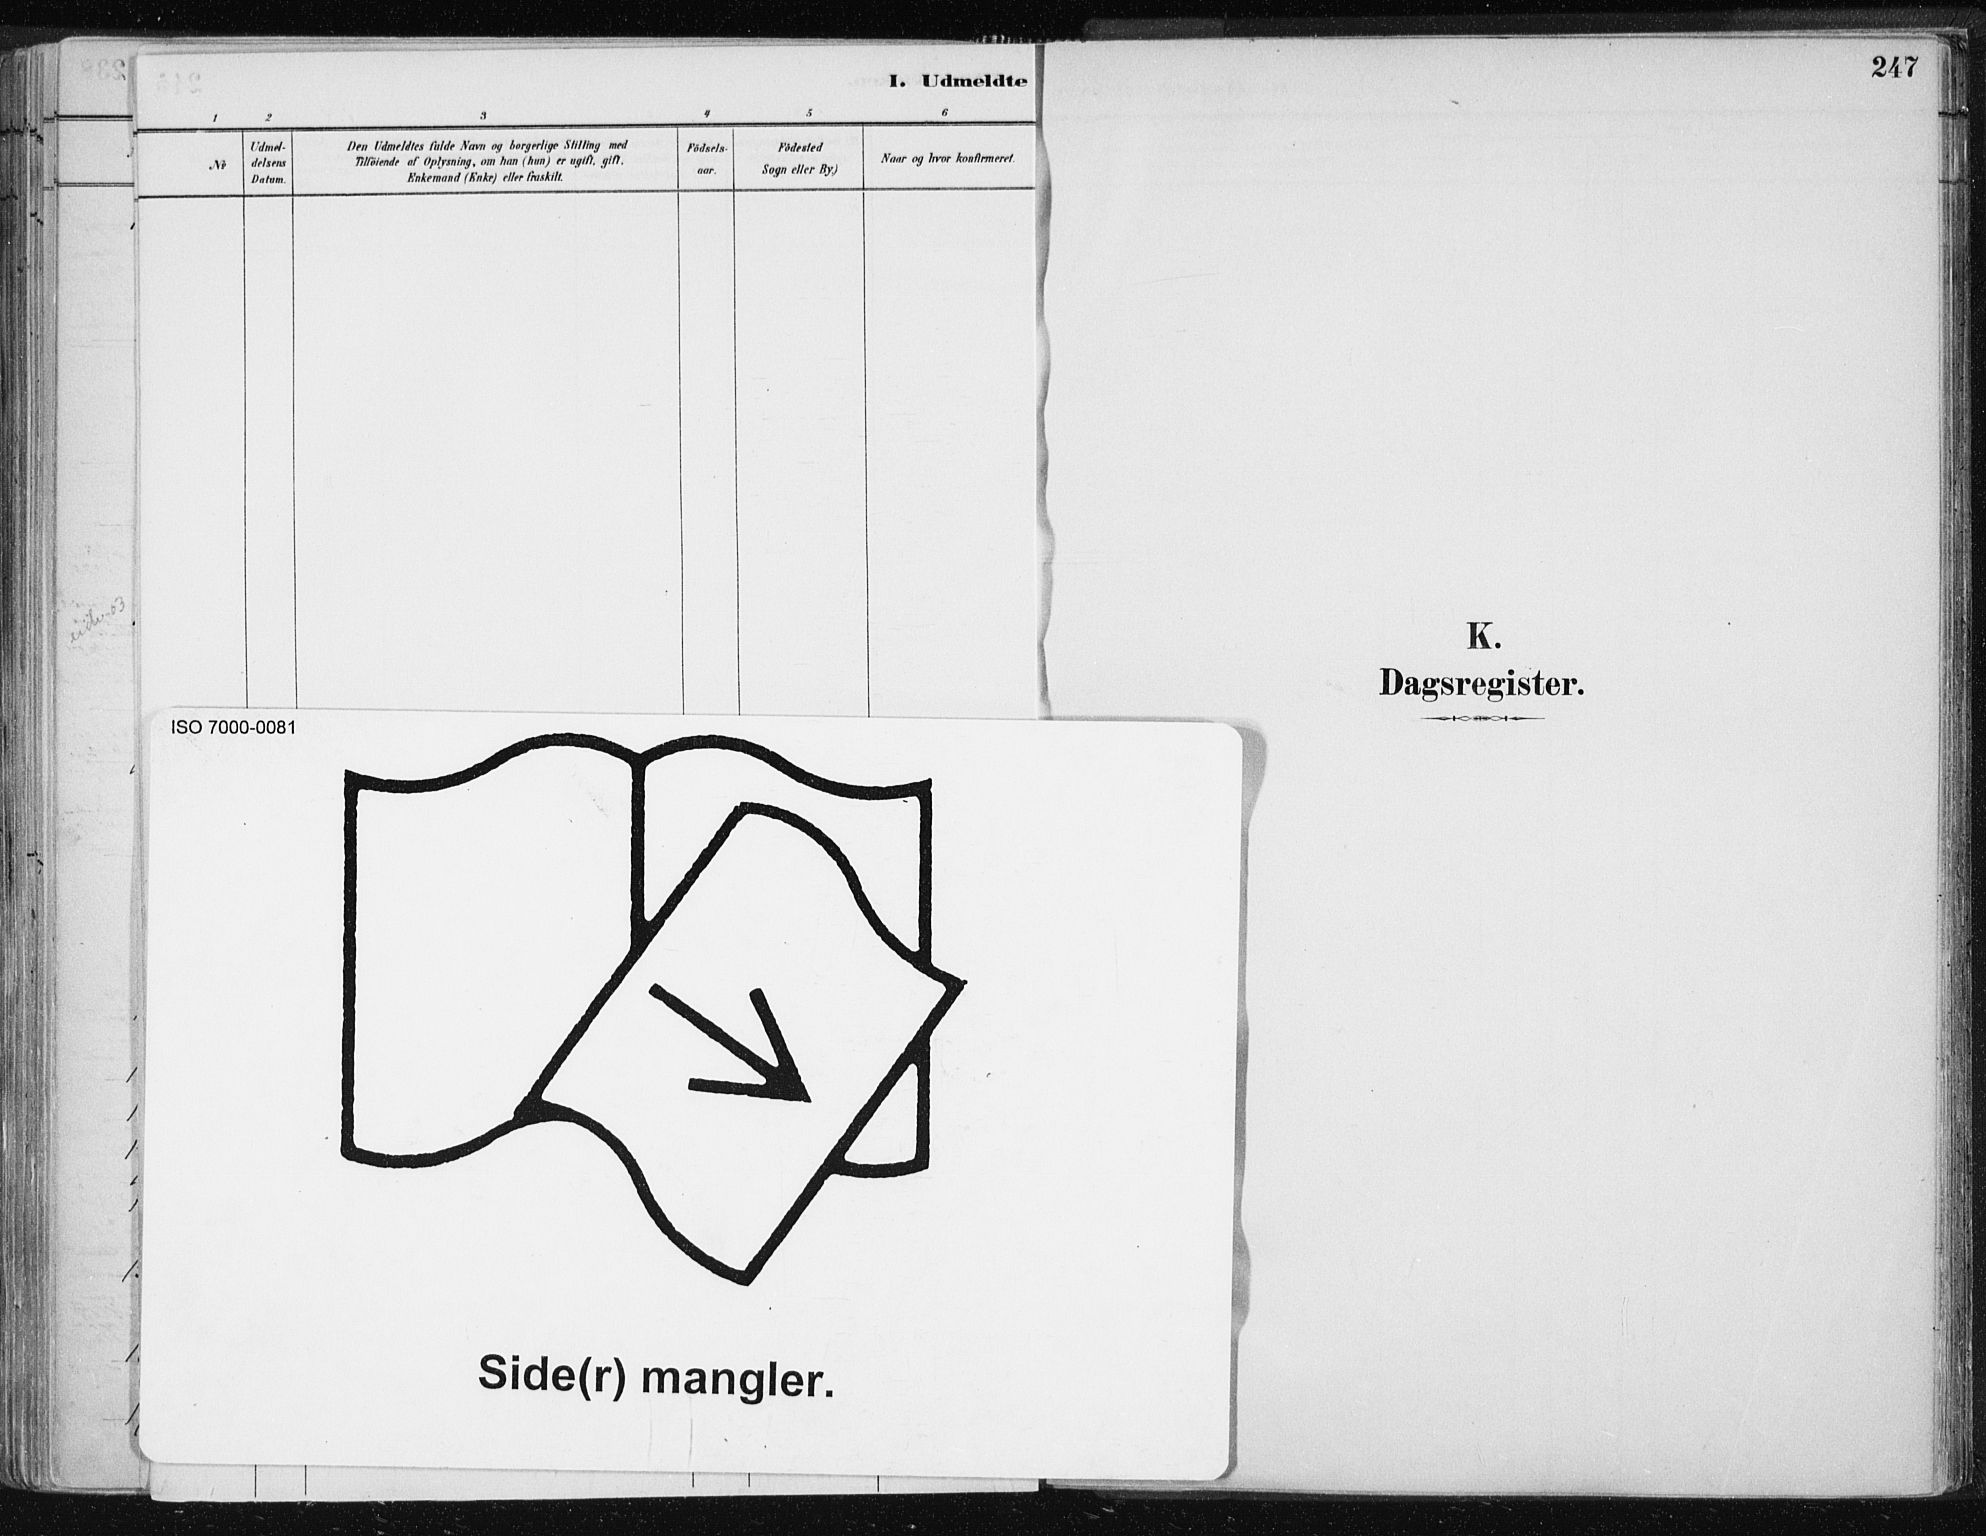 SAT, Ministerialprotokoller, klokkerbøker og fødselsregistre - Nord-Trøndelag, 701/L0010: Ministerialbok nr. 701A10, 1883-1899, s. 247